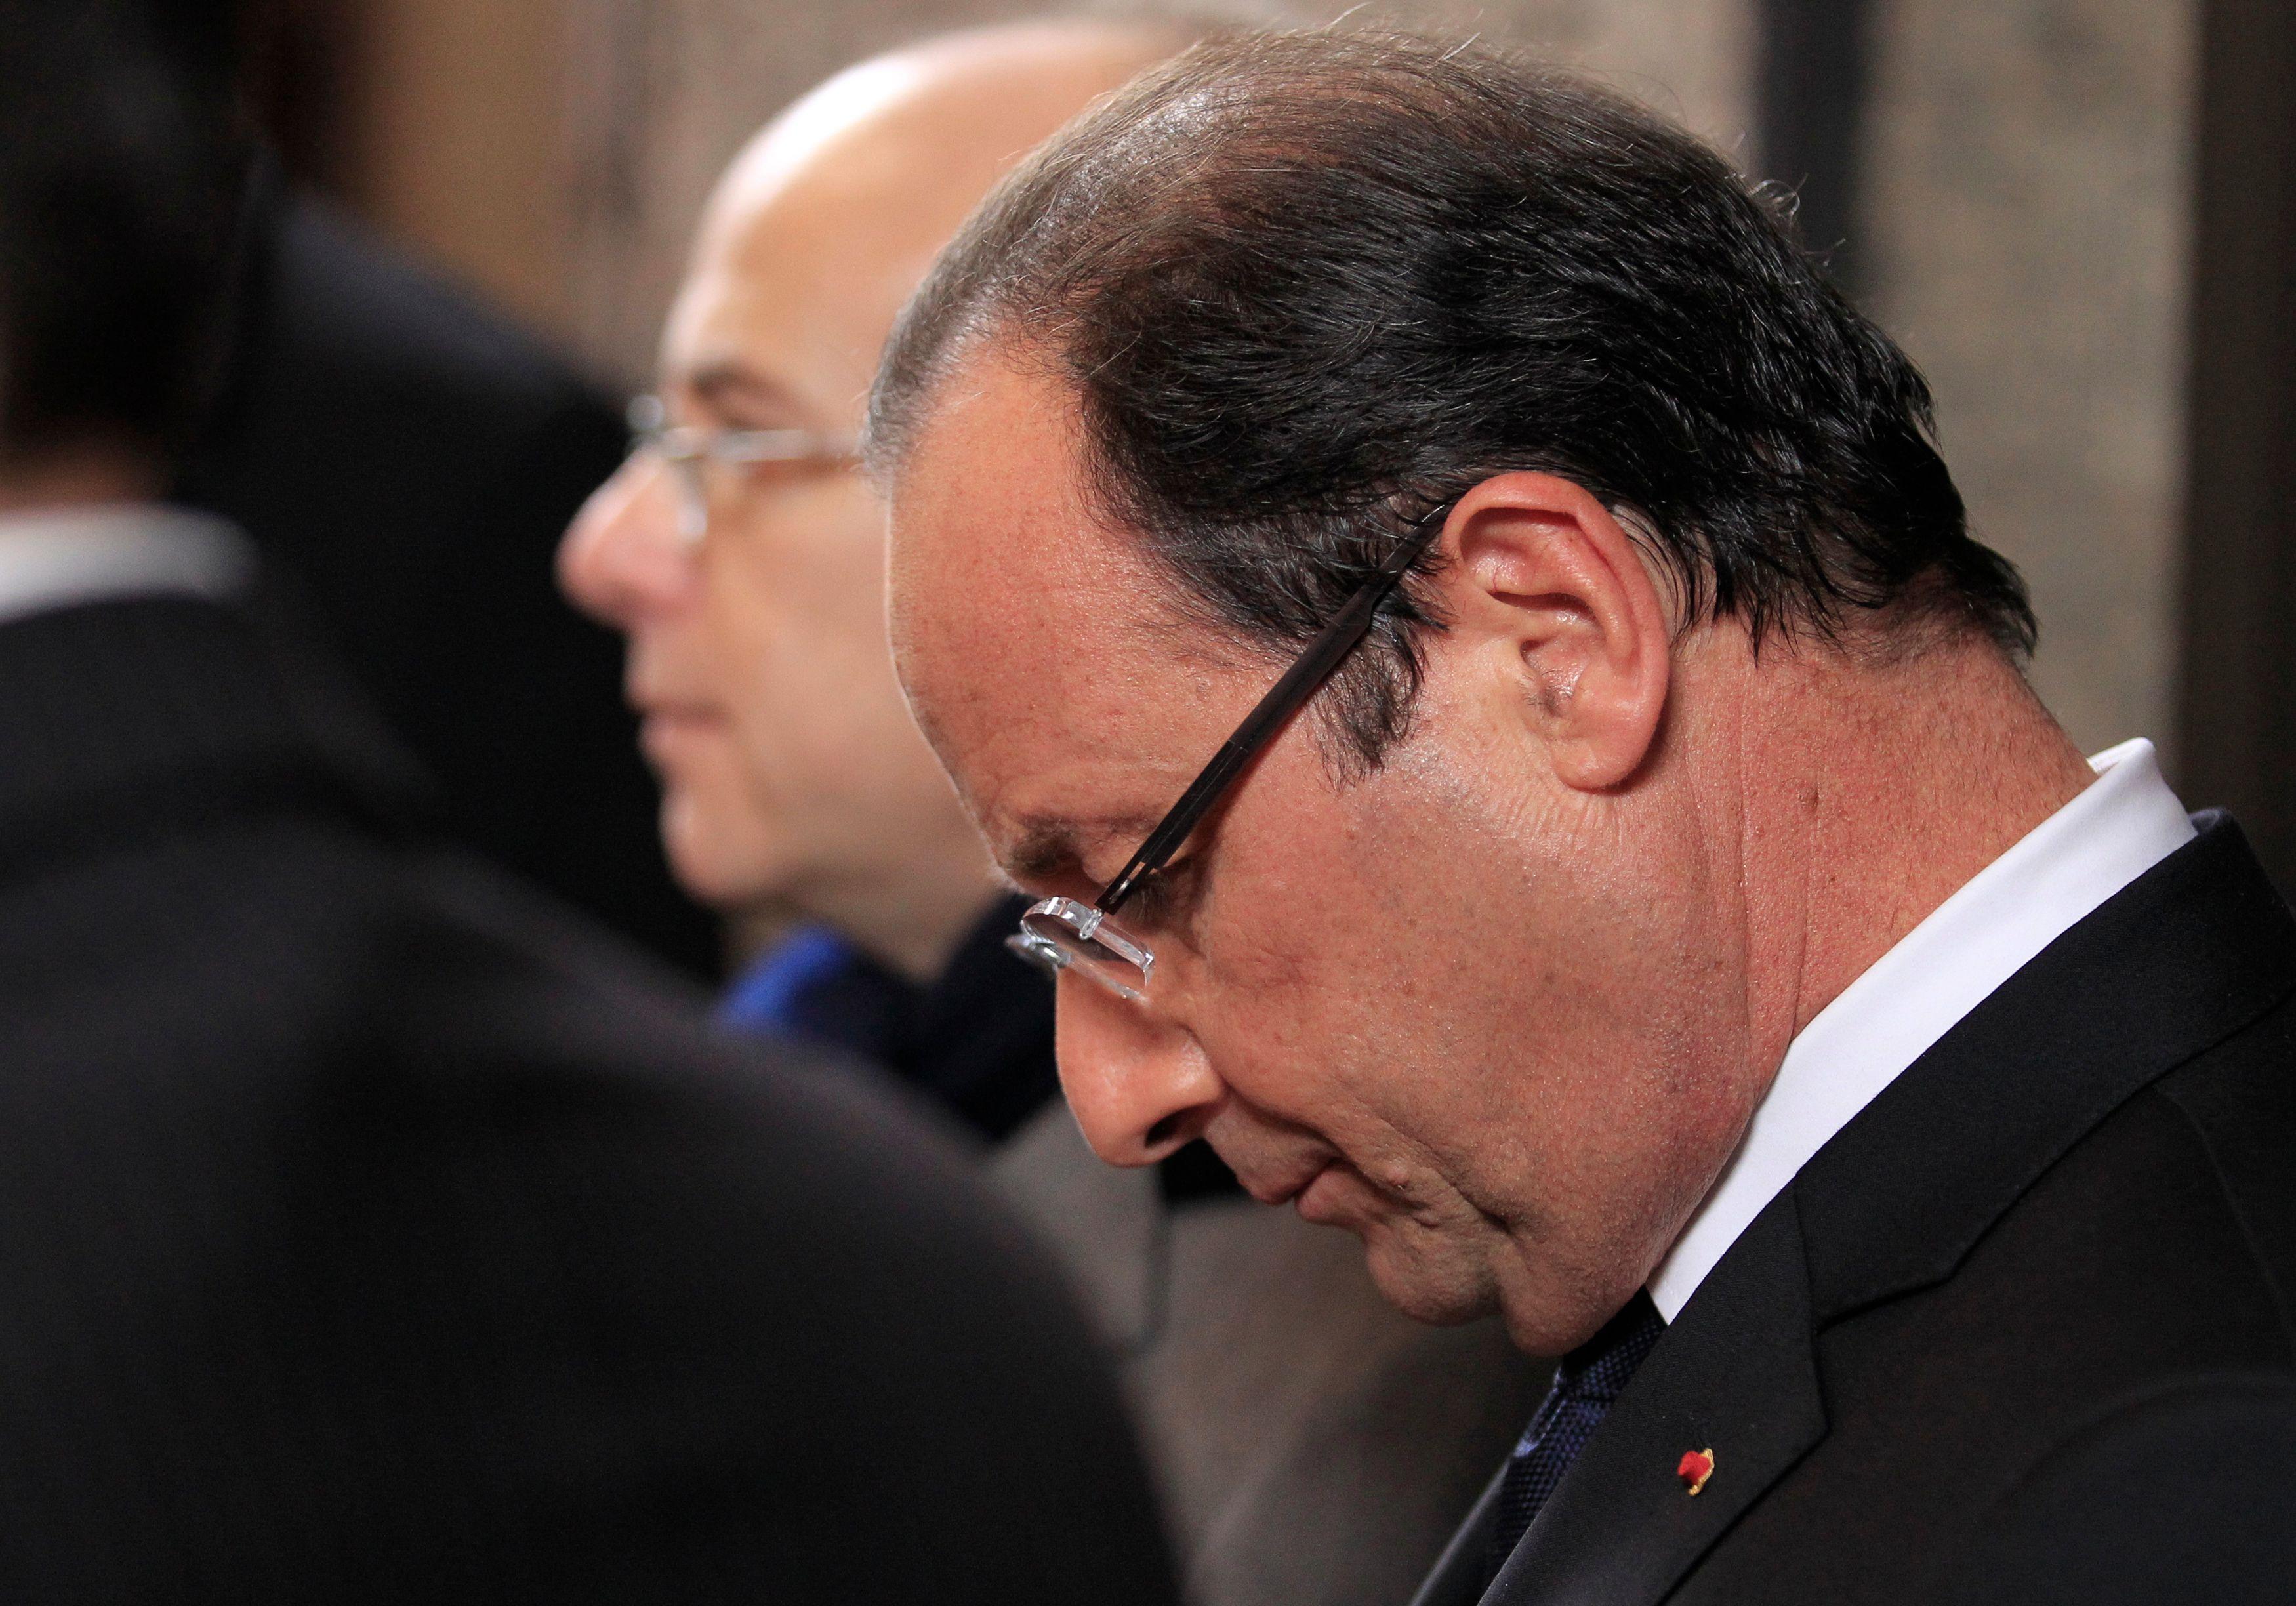 Plus de neuf Français sur dix attendent un changement de la part du chef de l'Etat.